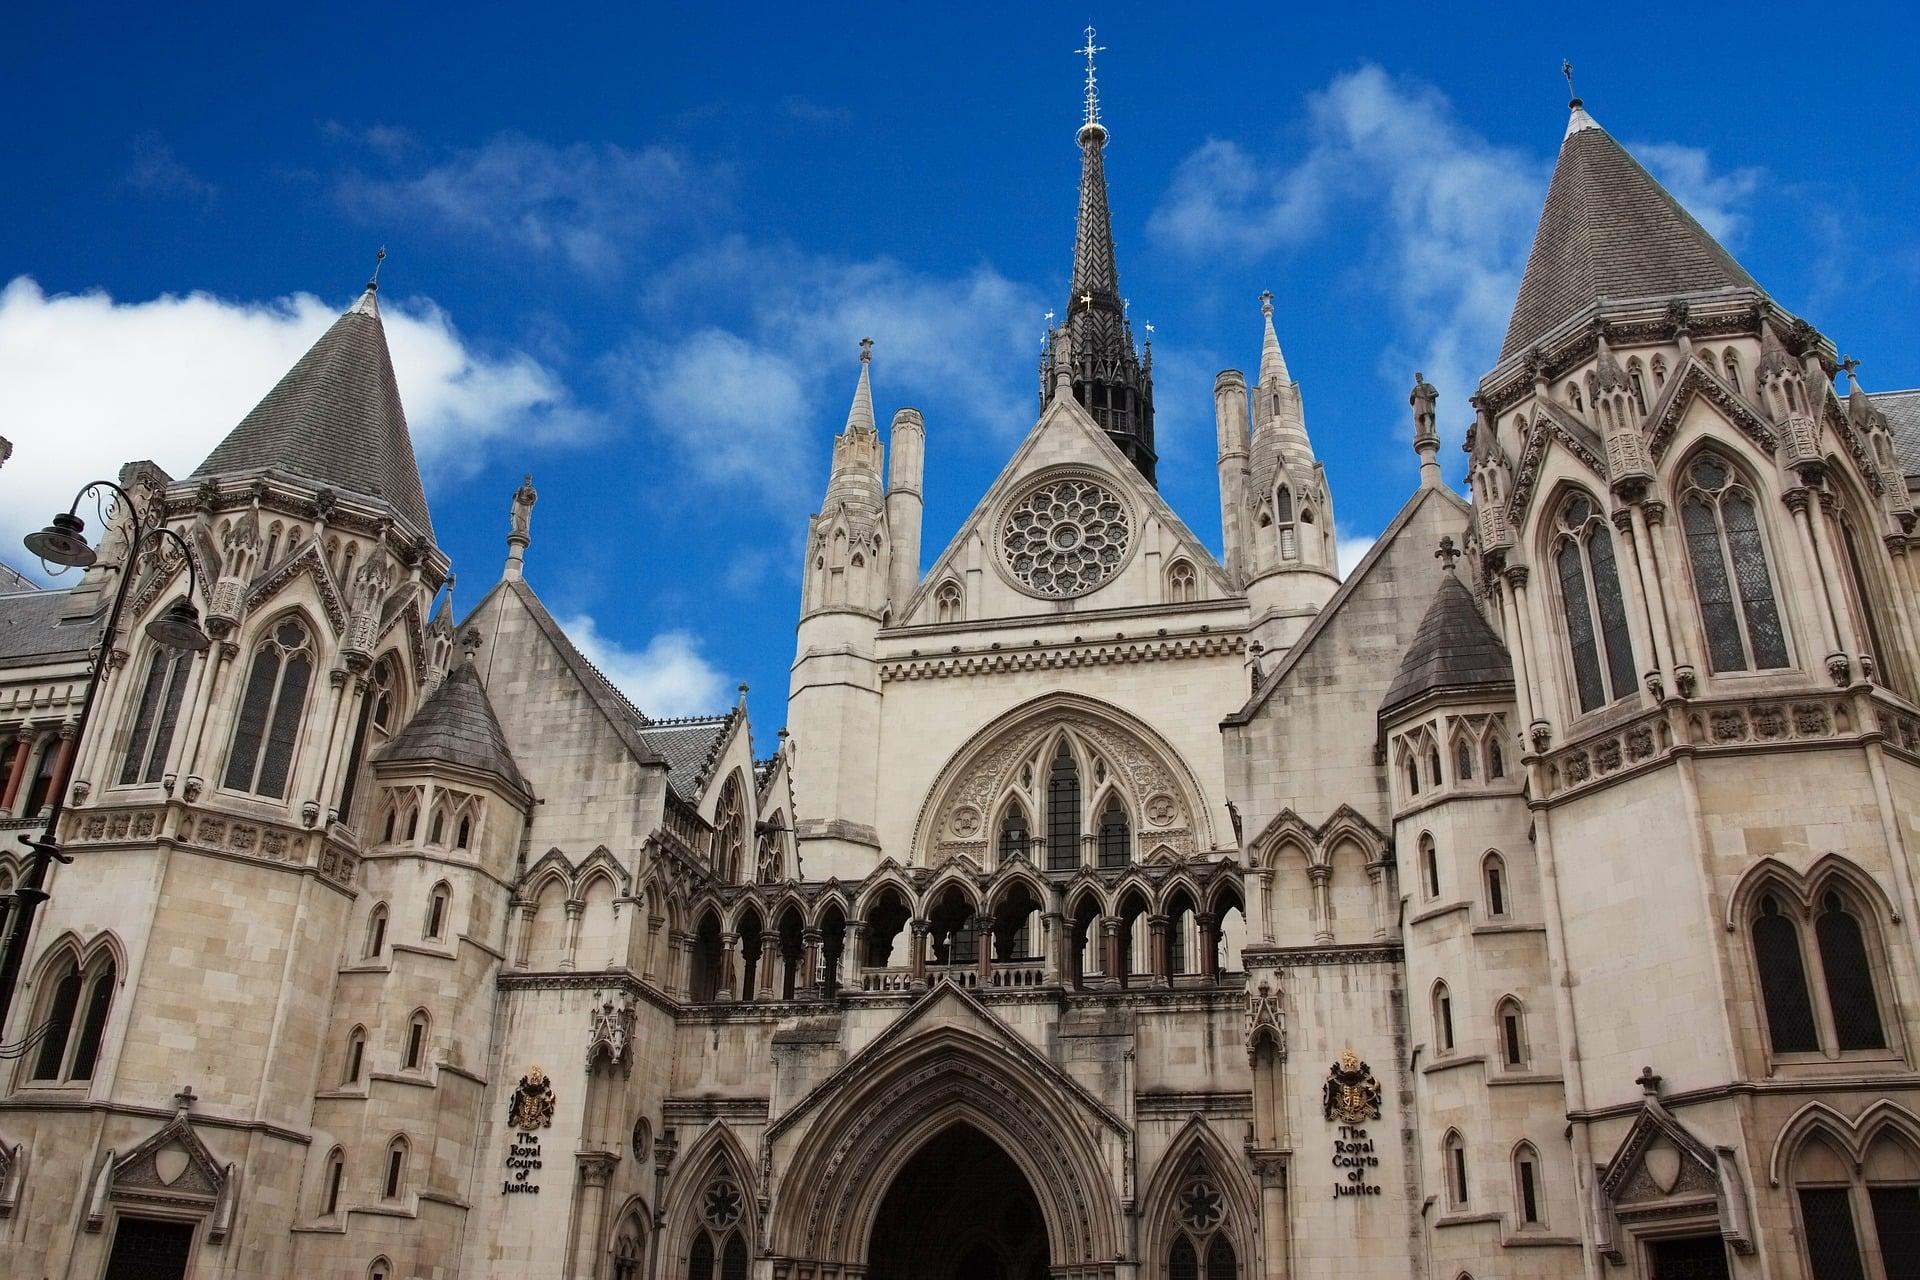 rcj royal court justice lawyer london litigate cpr civil commercial financial litigation